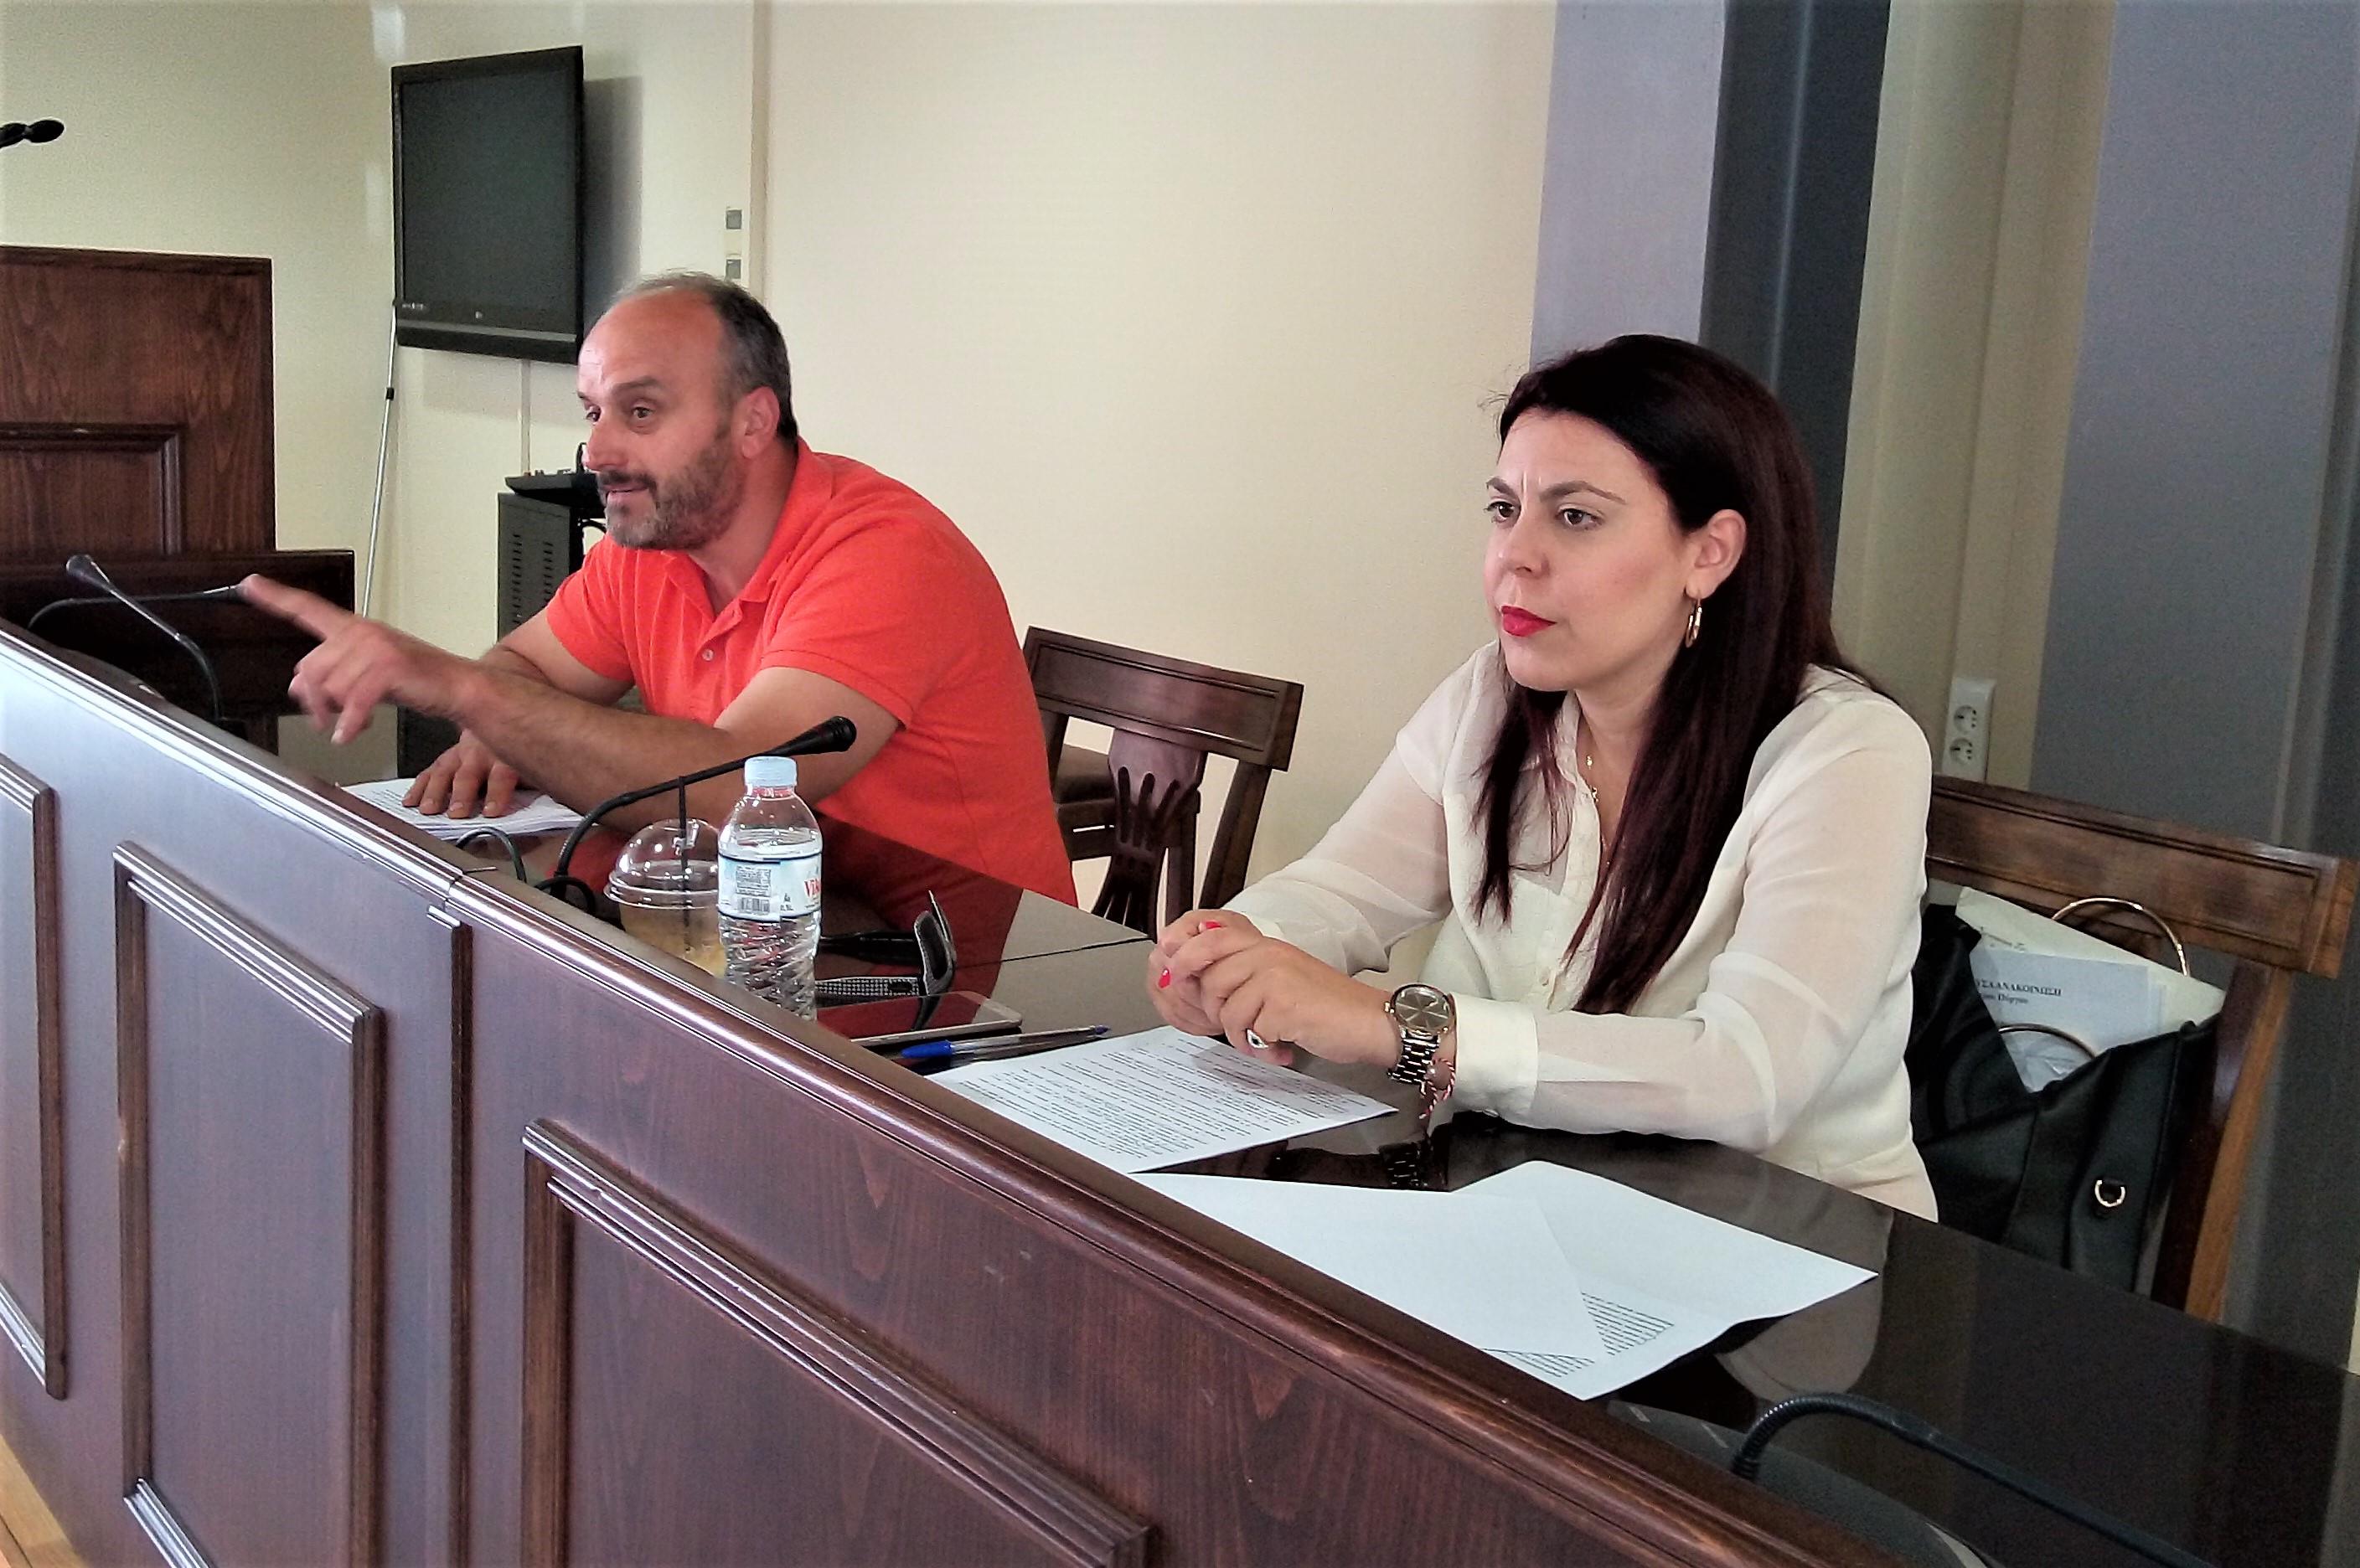 Δήμος Αρχ. Ολυμπίας: Συνάντηση για την πάγια προκαταβολή (photos)